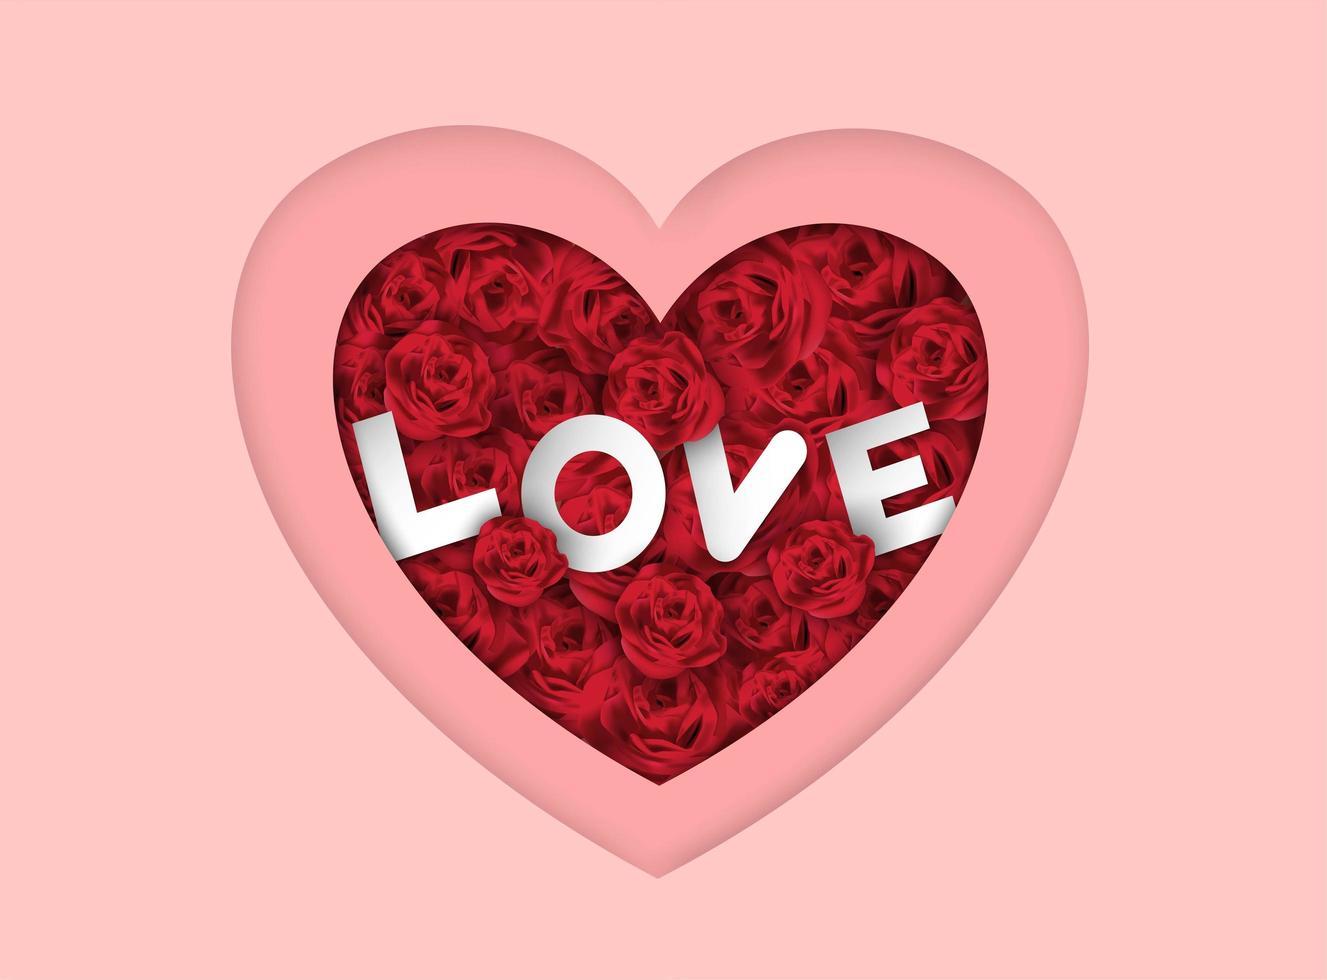 Valentijnsdag roze gelaagde hart achtergrond met rozen en liefde tekst vector